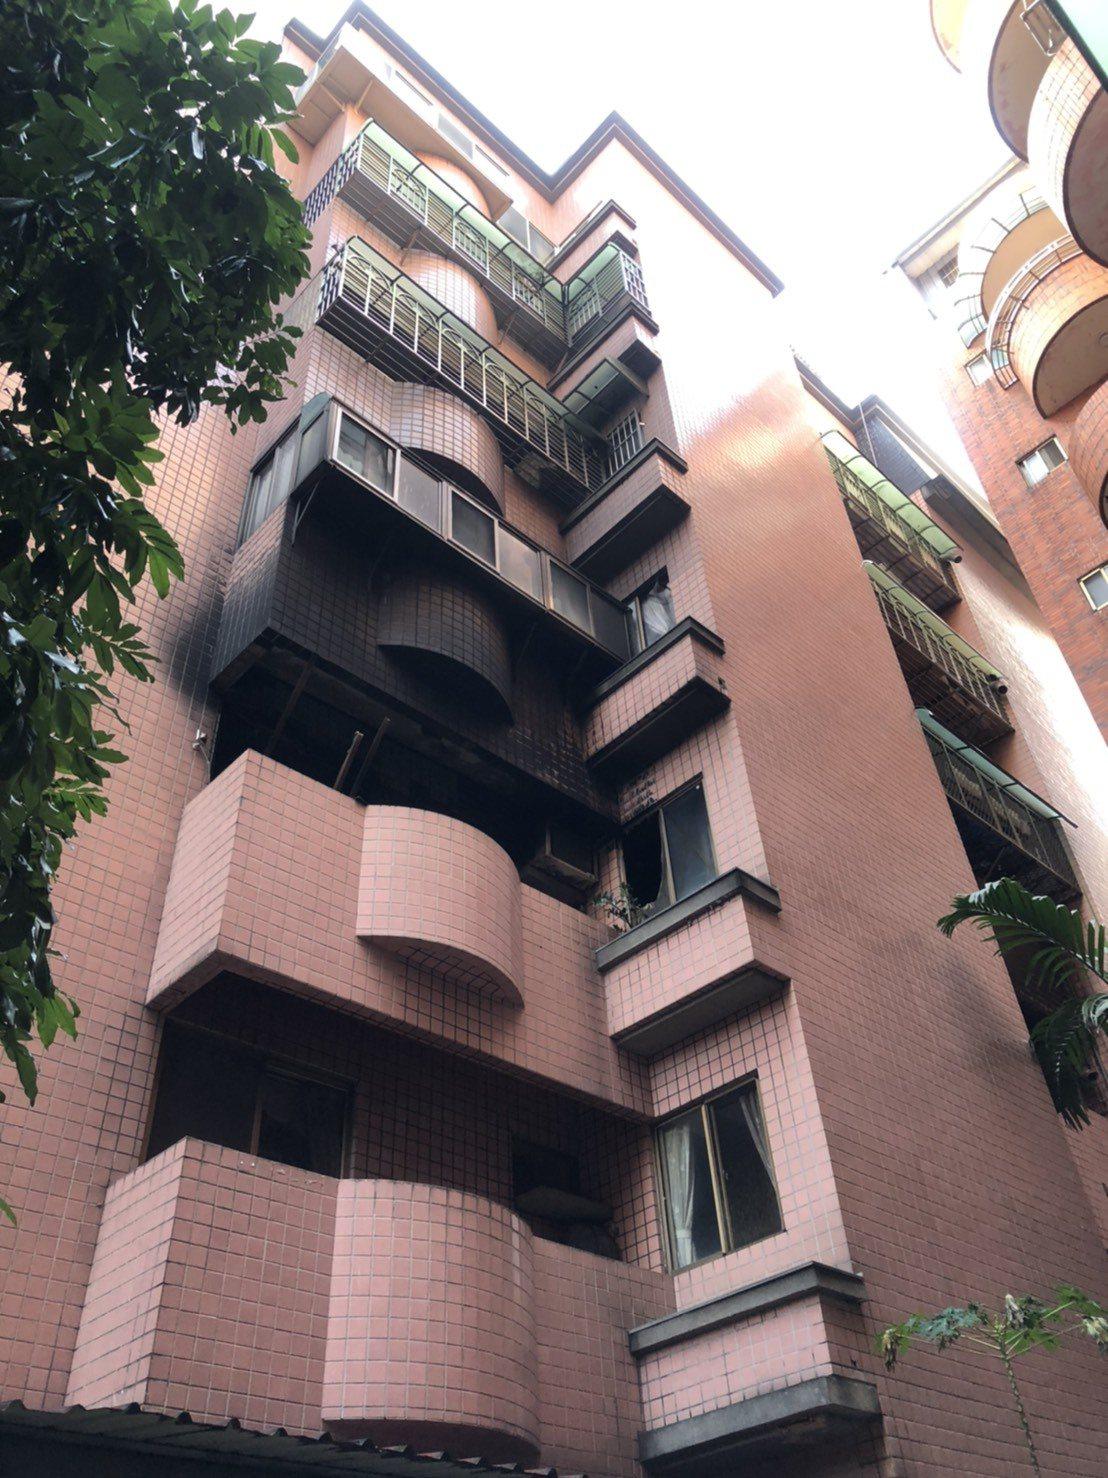 桃園市延壽街1棟7樓住宅昨深夜12點多傳出火警,造成一死。記者曾健祐/攝影